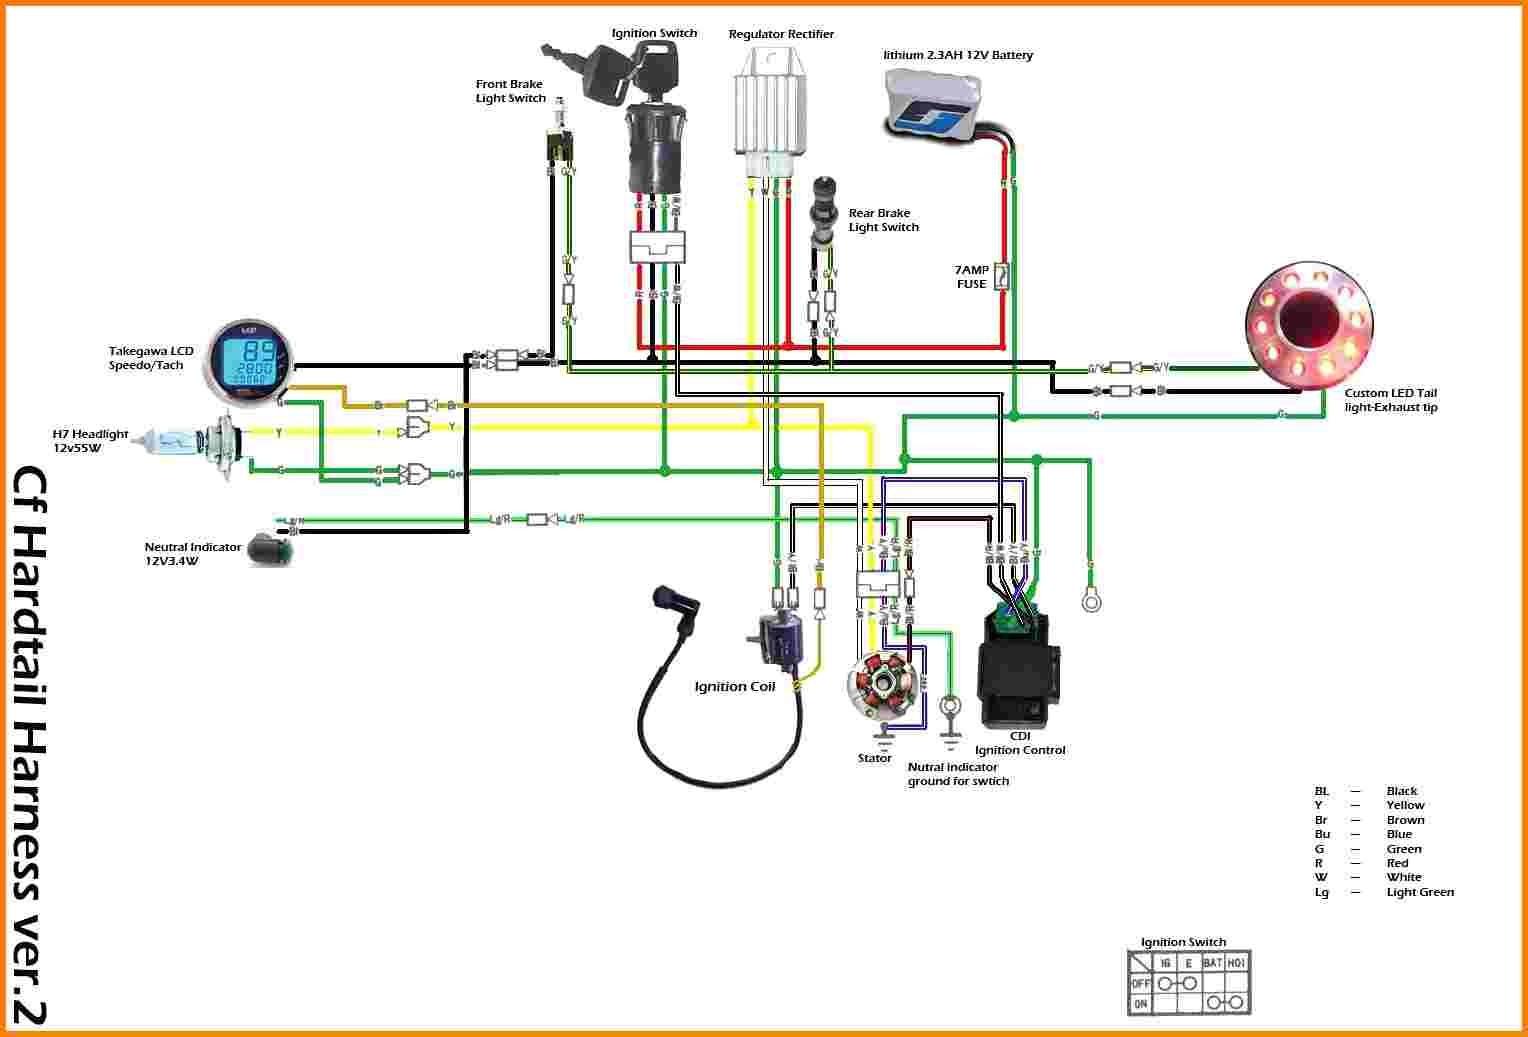 Chinese Four Wheeler Wiring Diagram - Data Wiring Diagram Today - Chinese Atv Wiring Diagram